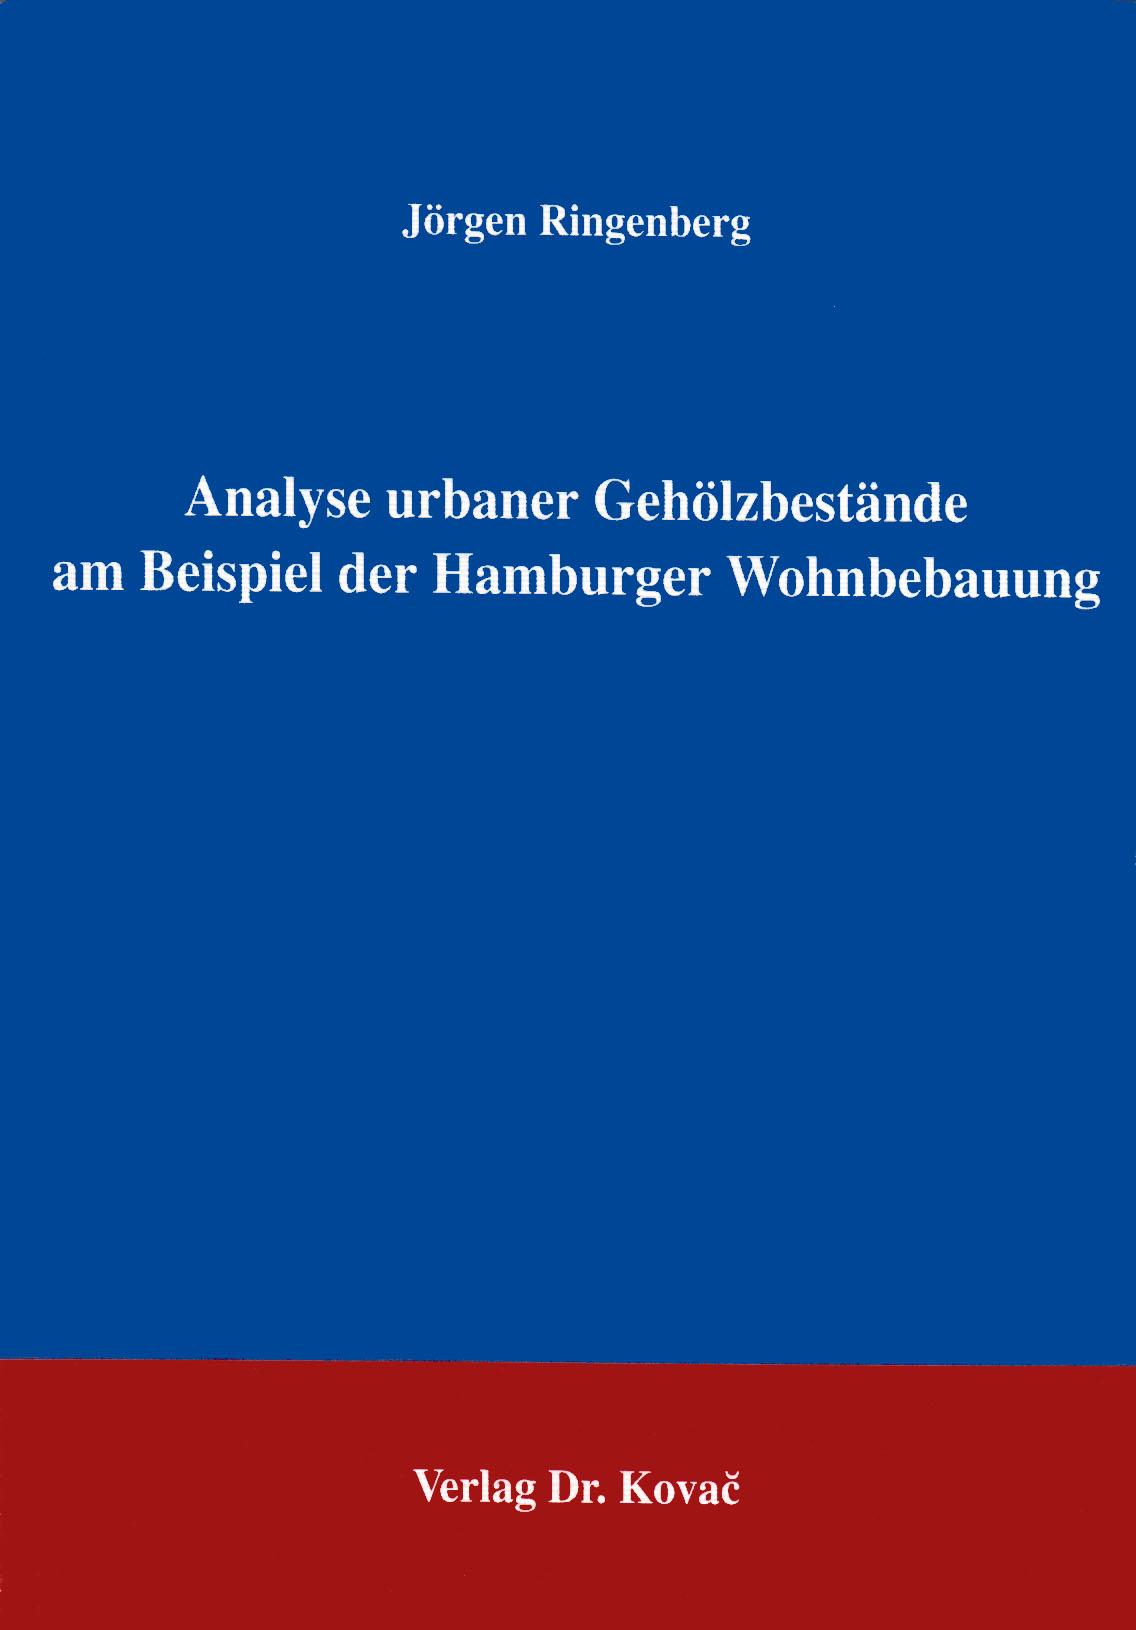 Cover: Analyse urbaner Gehölzbestände am Beispiel der Hamburger Wohnbebauung